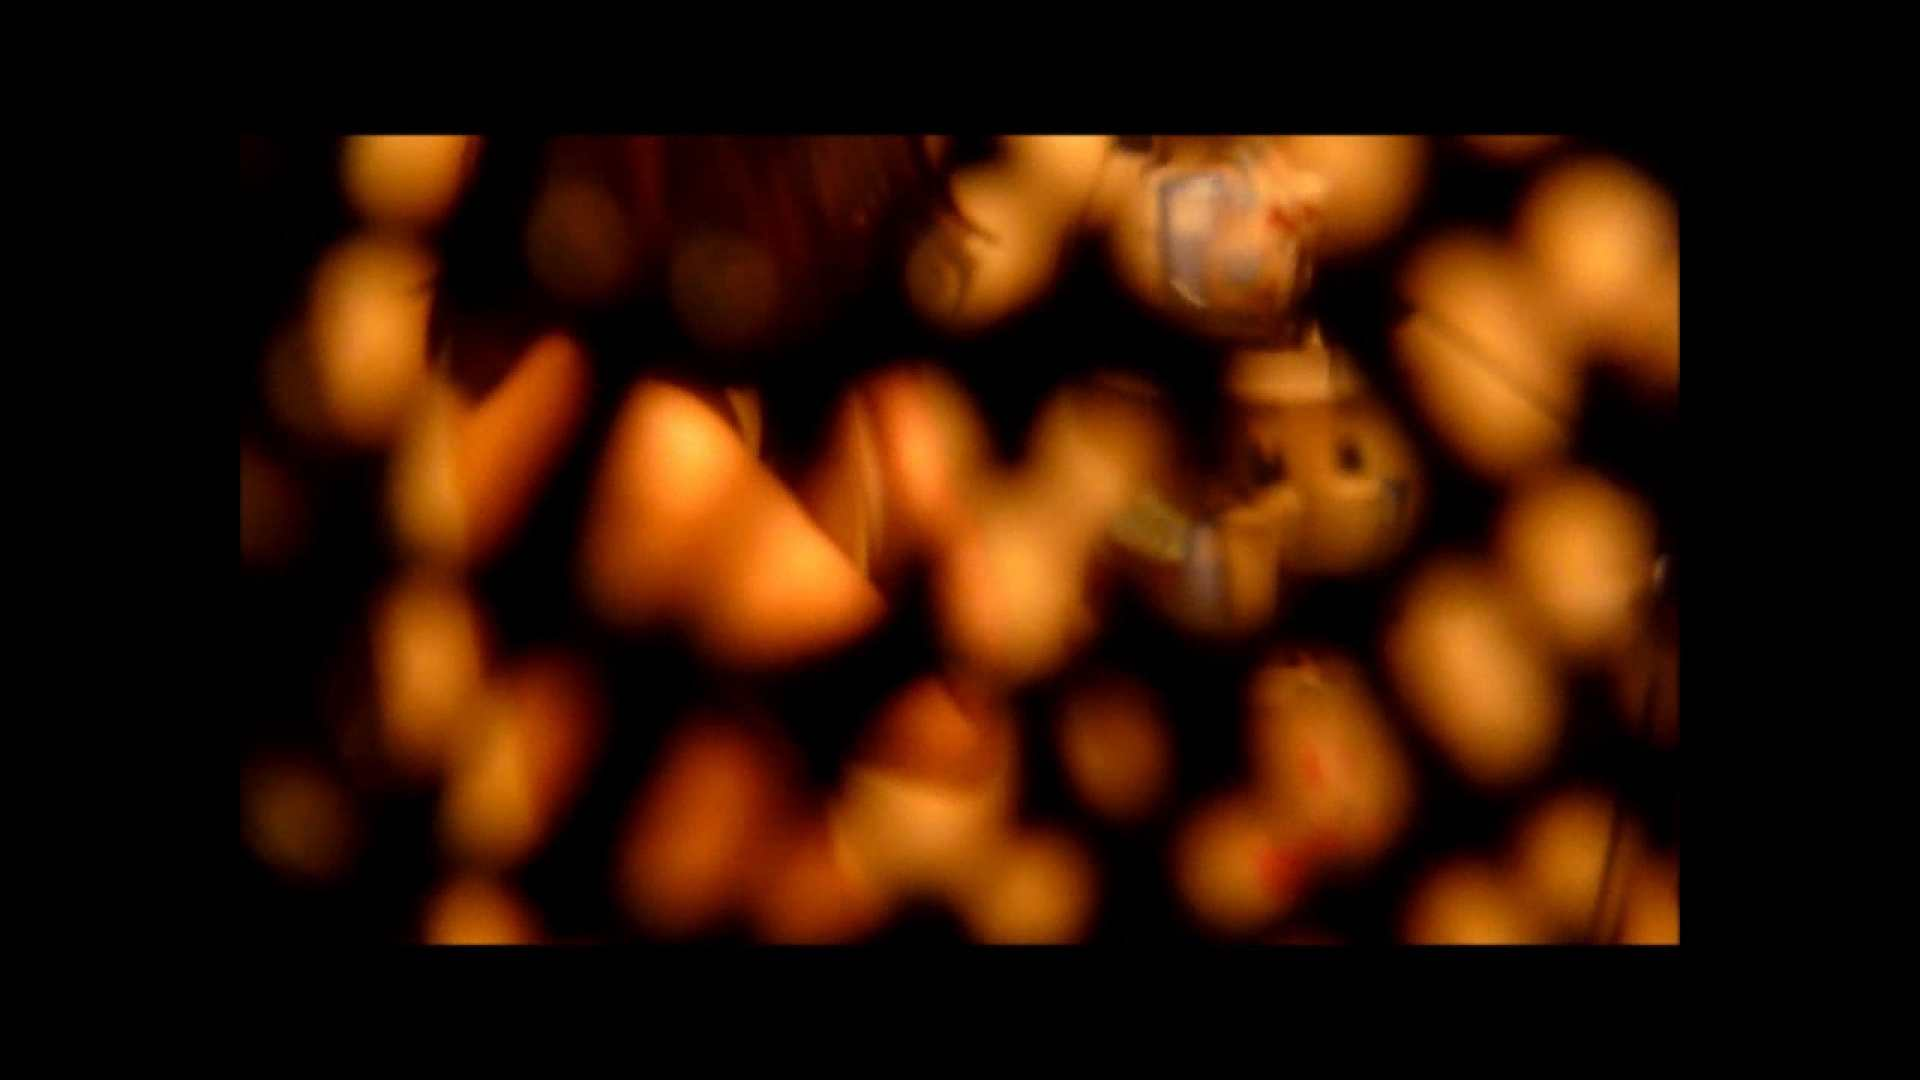 【02】ベランダに侵入して張り込みを始めて・・・やっと結果が出ました。 家宅侵入 | 0  82画像 13